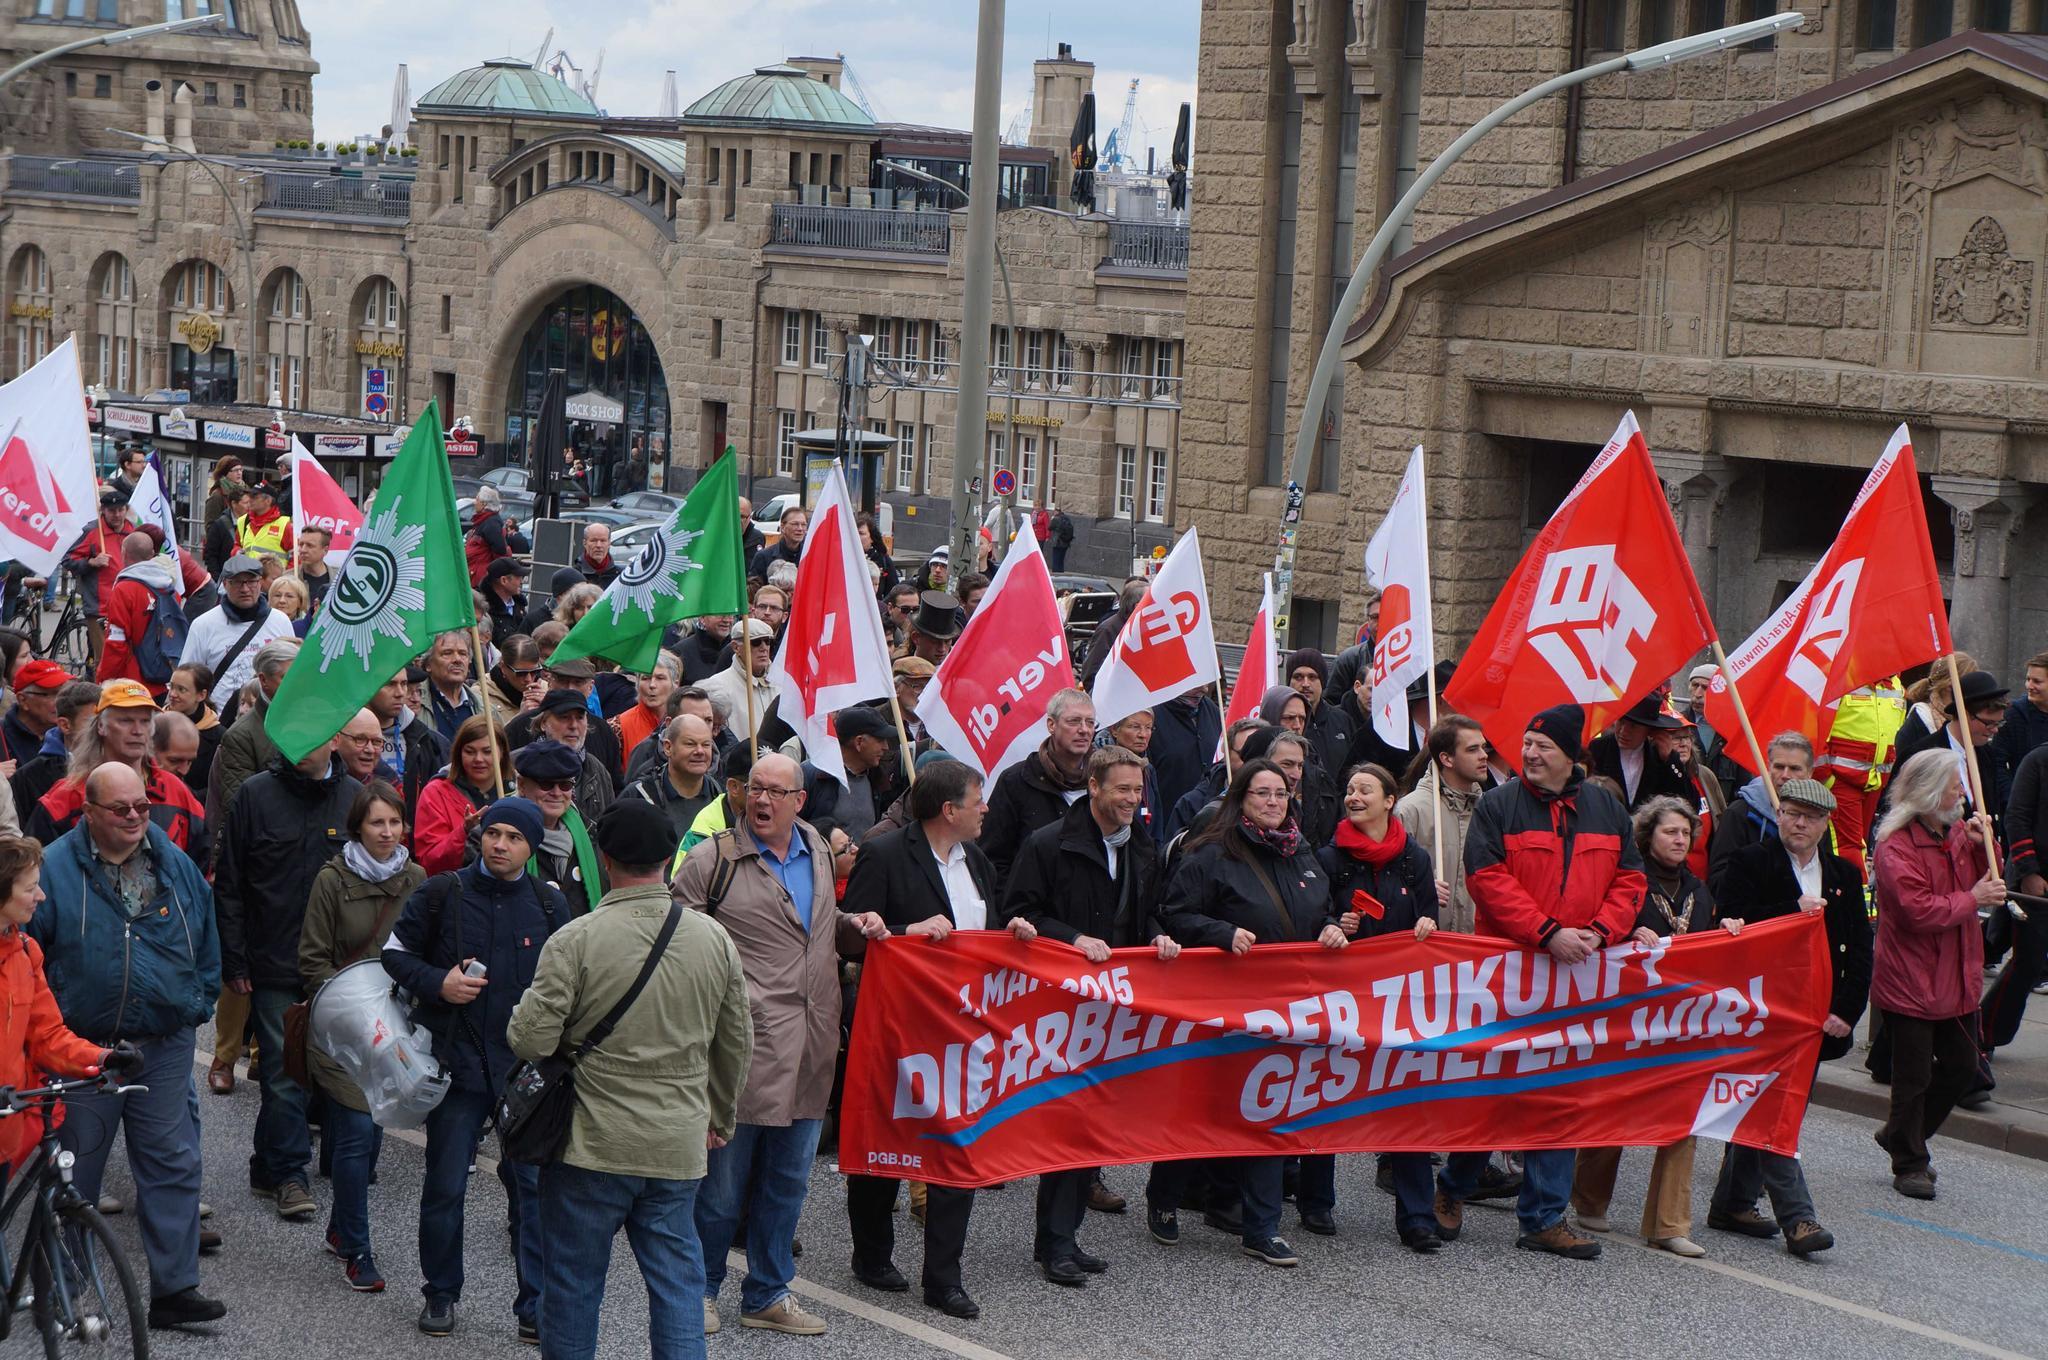 Die 1. Mai-Demo in Hamburg vor den Landungsbrücken